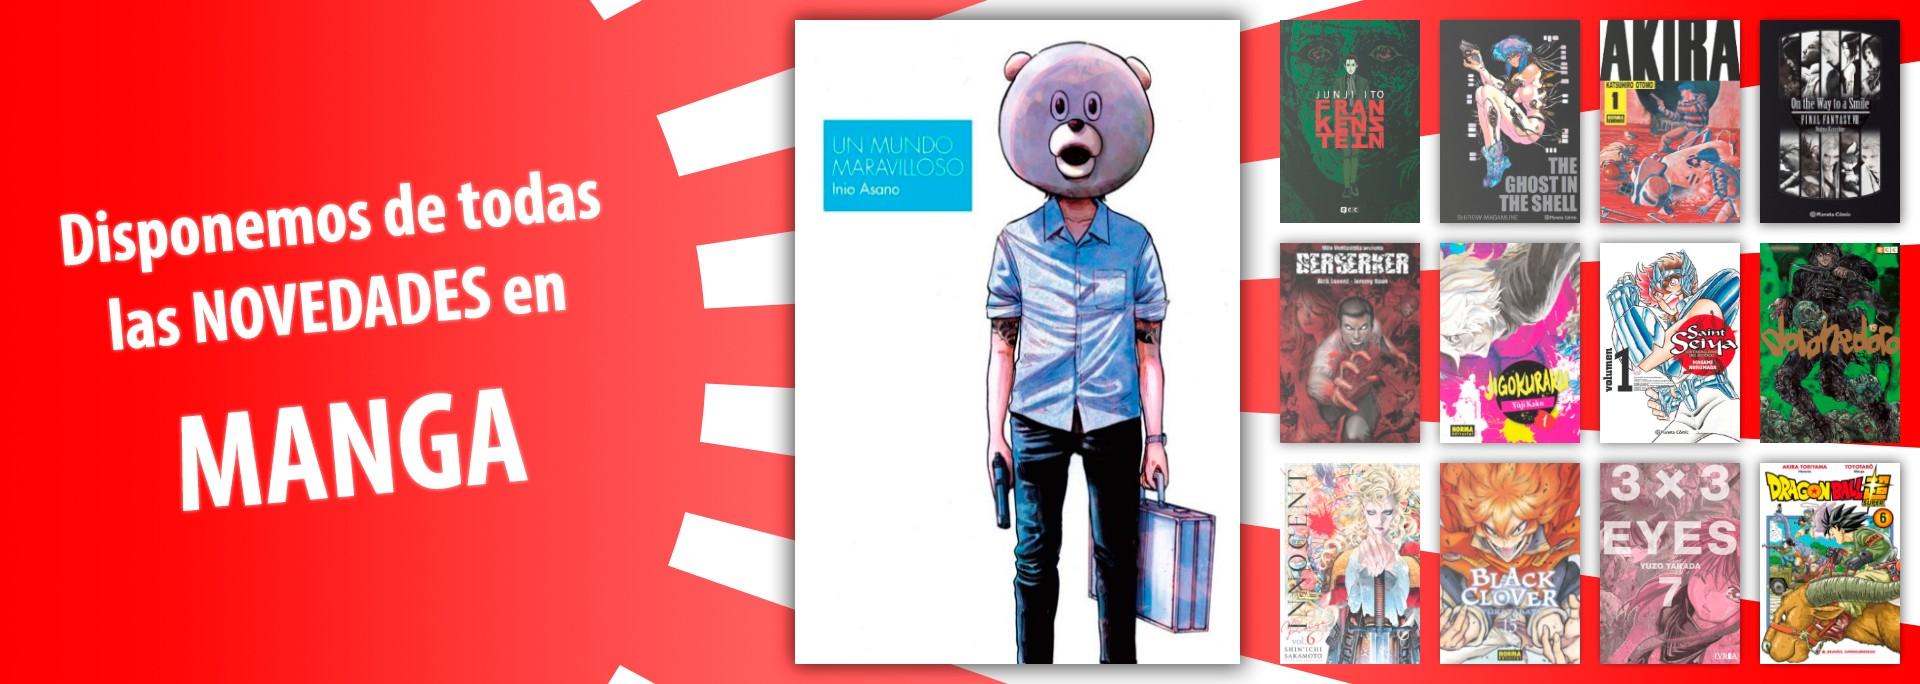 ComicSpain.com - Disponemos de todas las Novedades en Manga